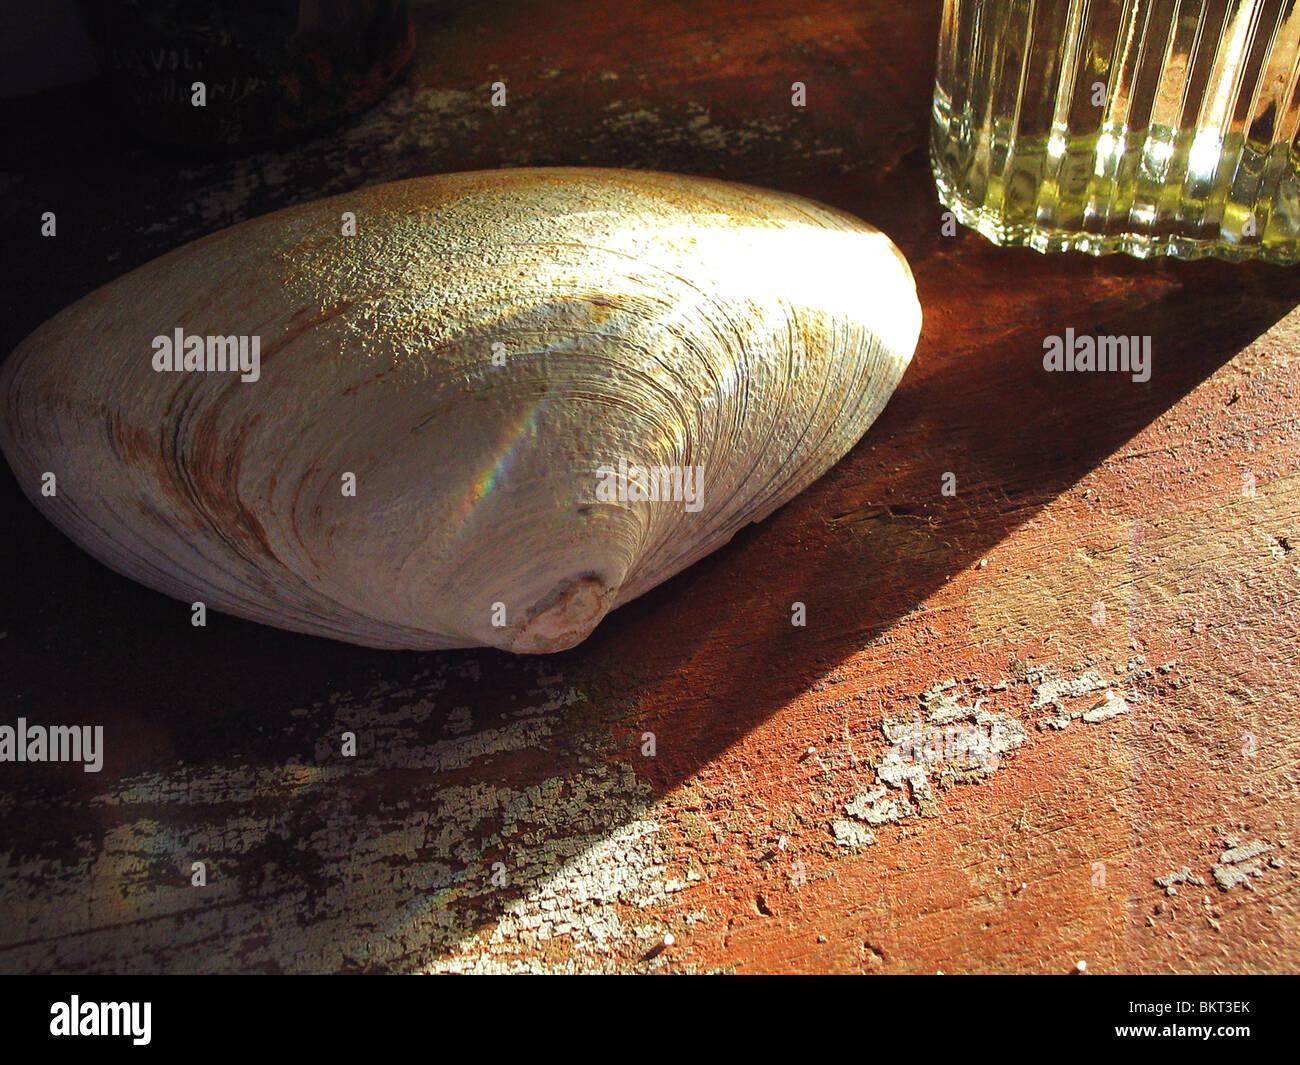 Concha de almeja en viejas superficies pintadas. Imagen De Stock